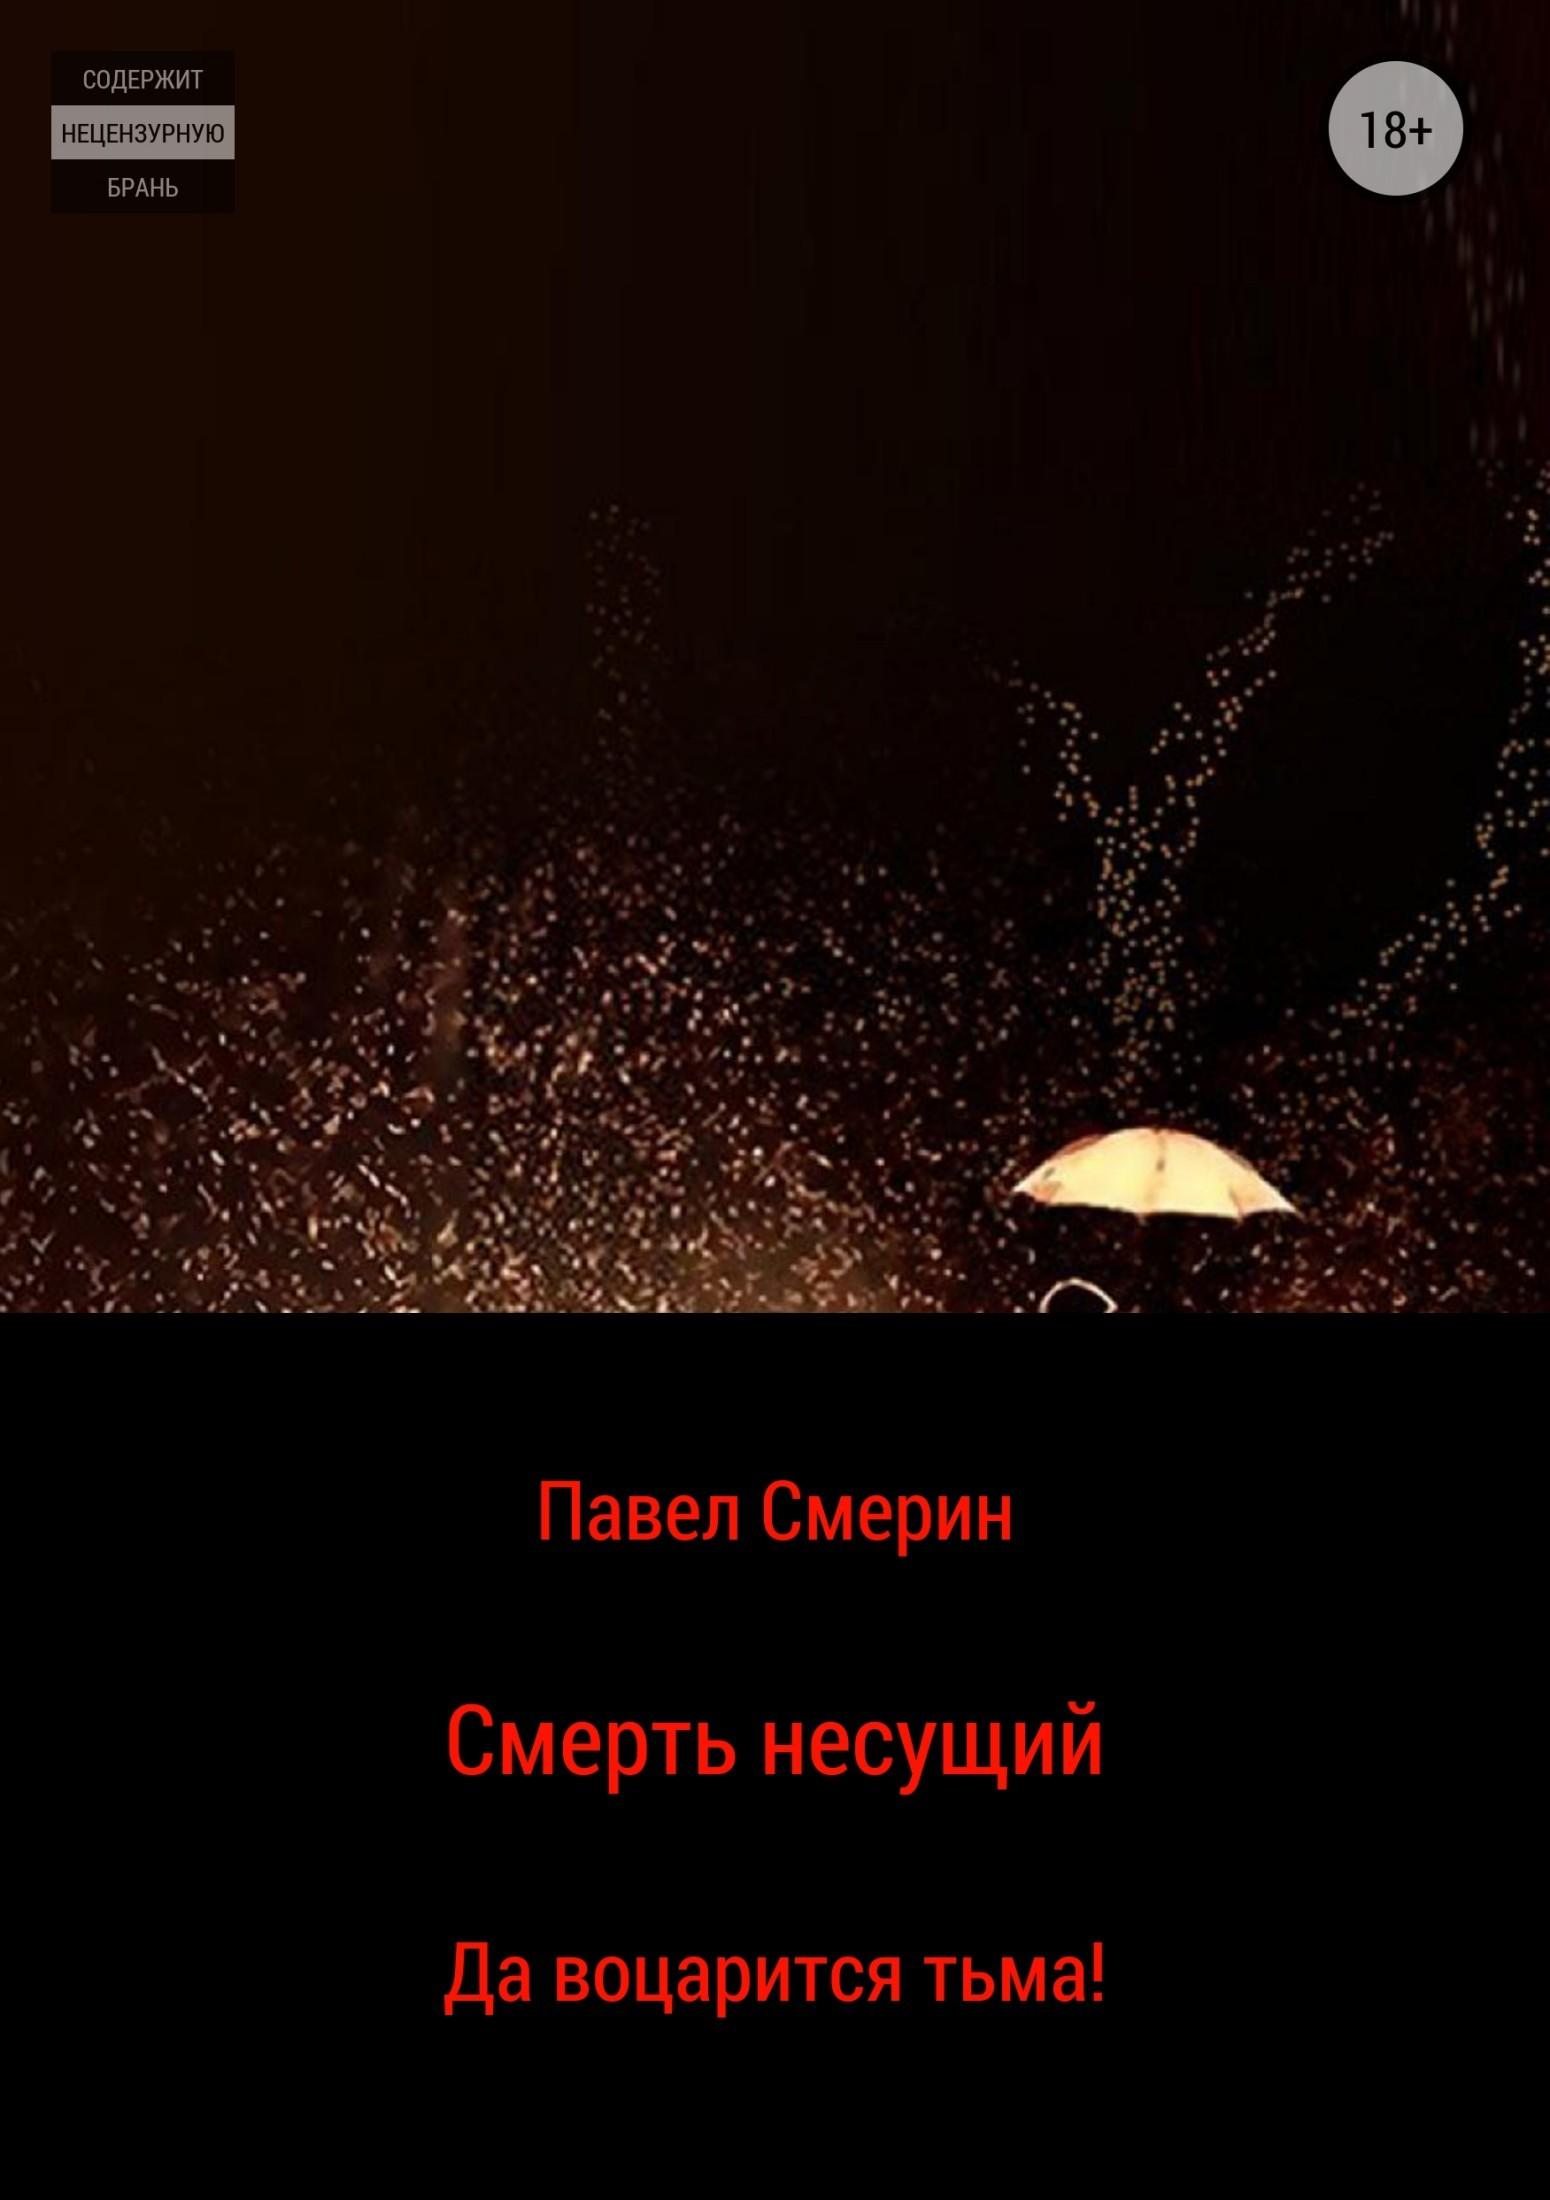 Смерть несущий